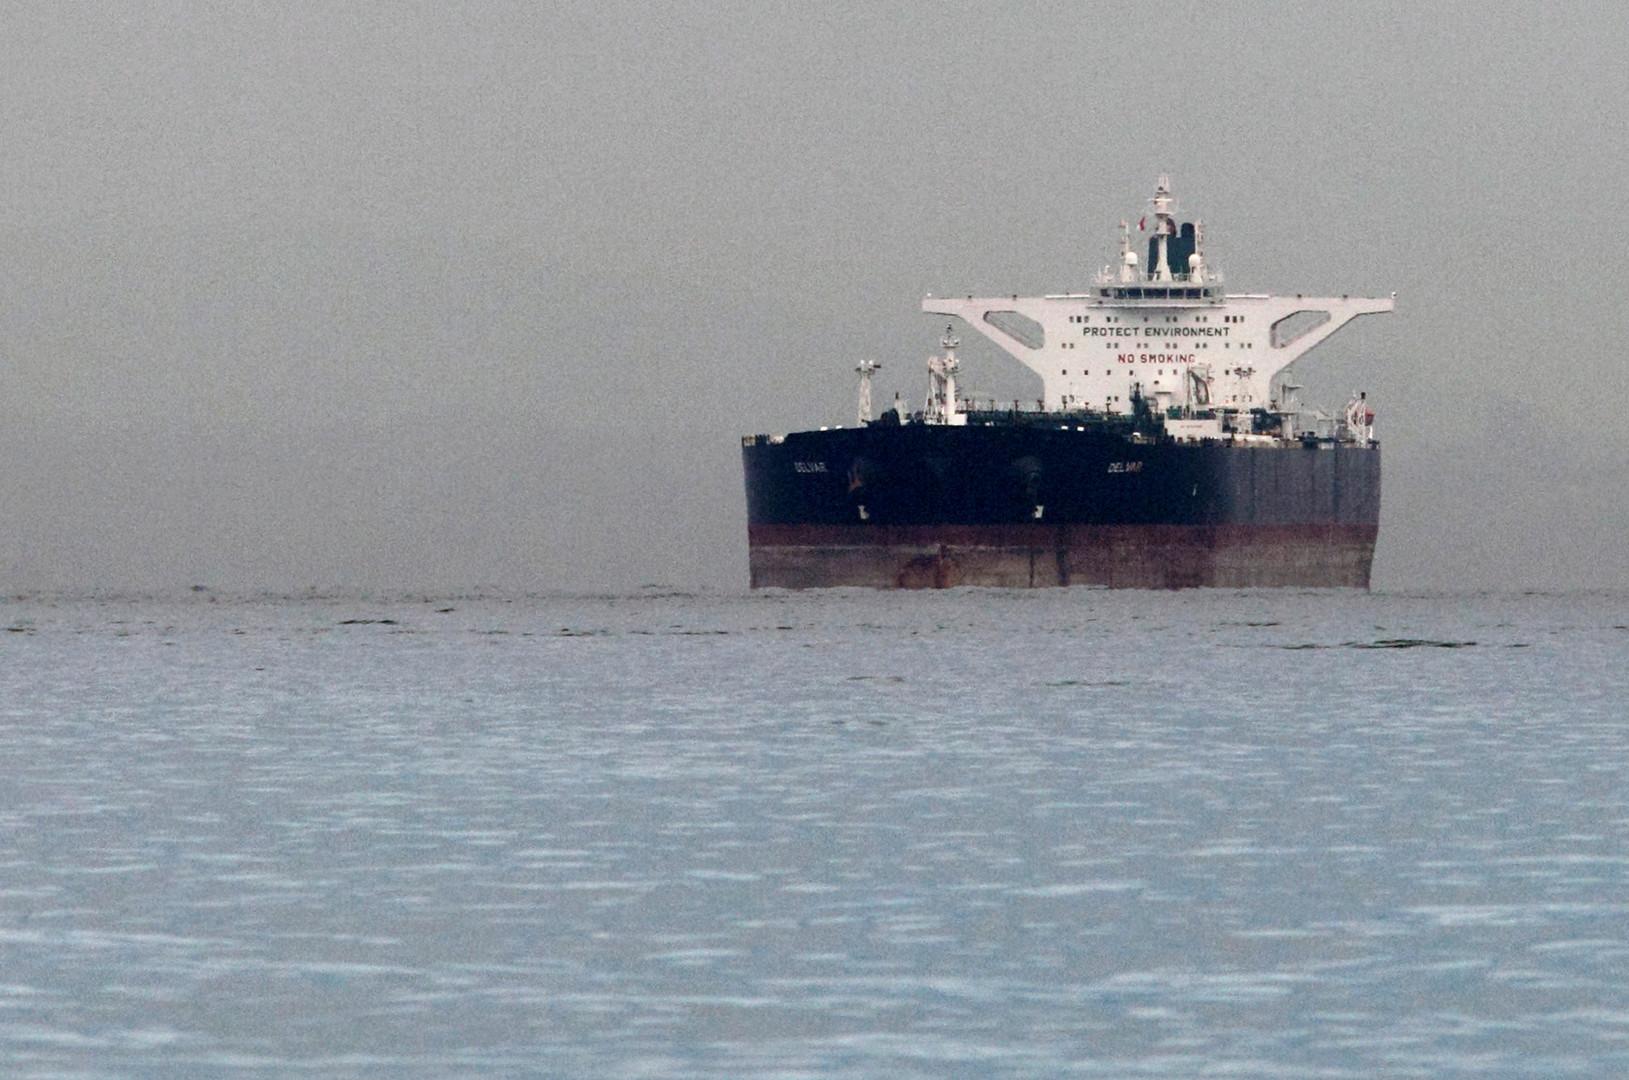 صحيفة أمريكية: 12 ناقلة إيرانية تحمل النفط إلى دول أخرى رغم عقوبات واشنطن